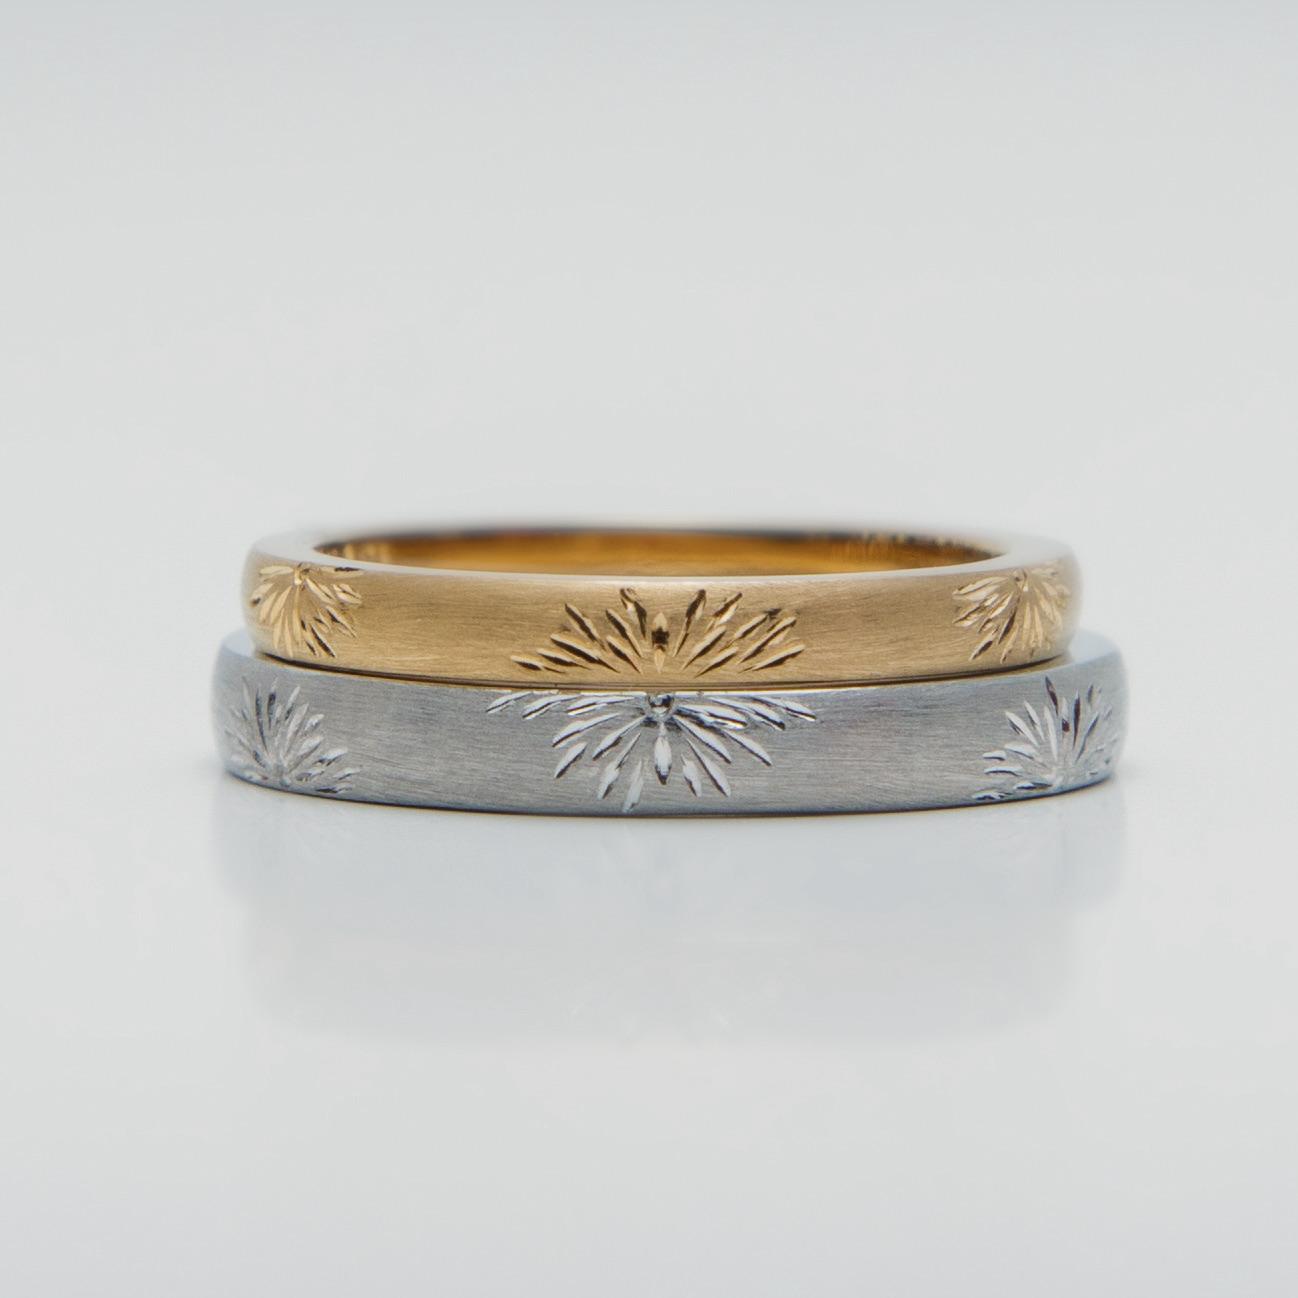 花火模様の和風の結婚指輪